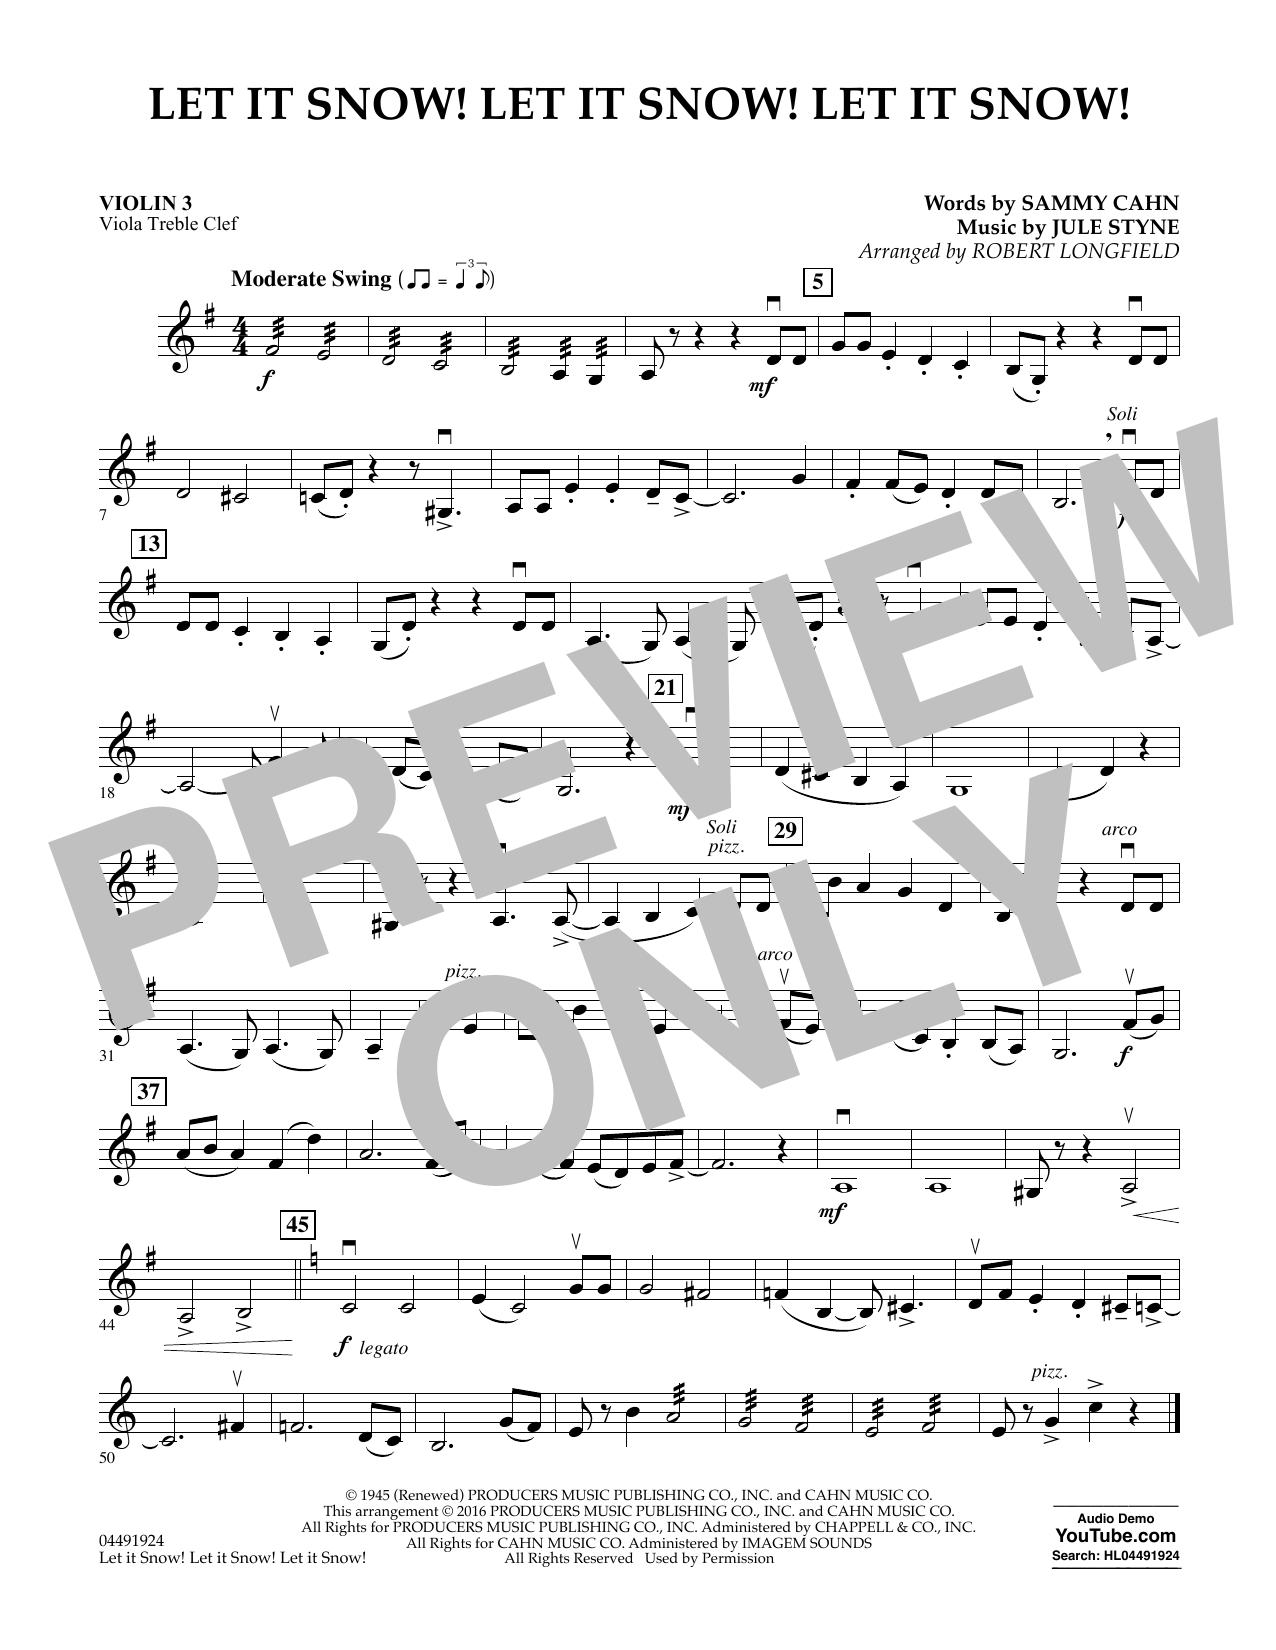 Joe Nichols - Let It Snow! Let It Snow! Let It Snow! - Violin 3 (Viola T.C.)